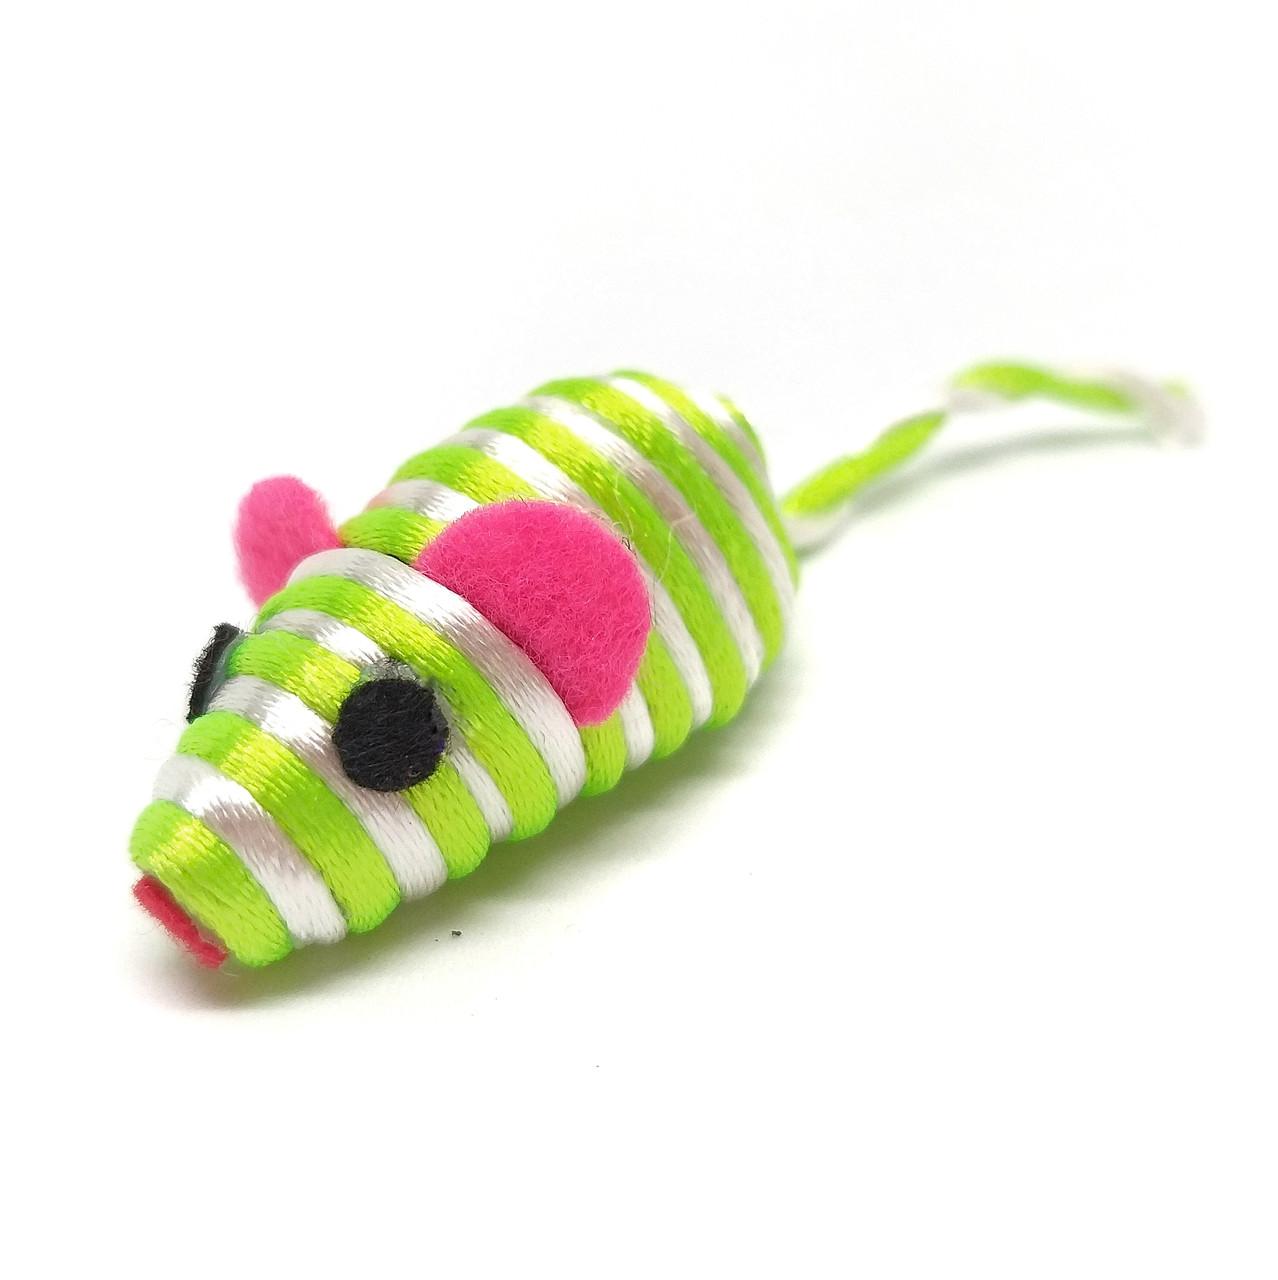 Іграшка для котів Мишка Zizi салатова 5 см